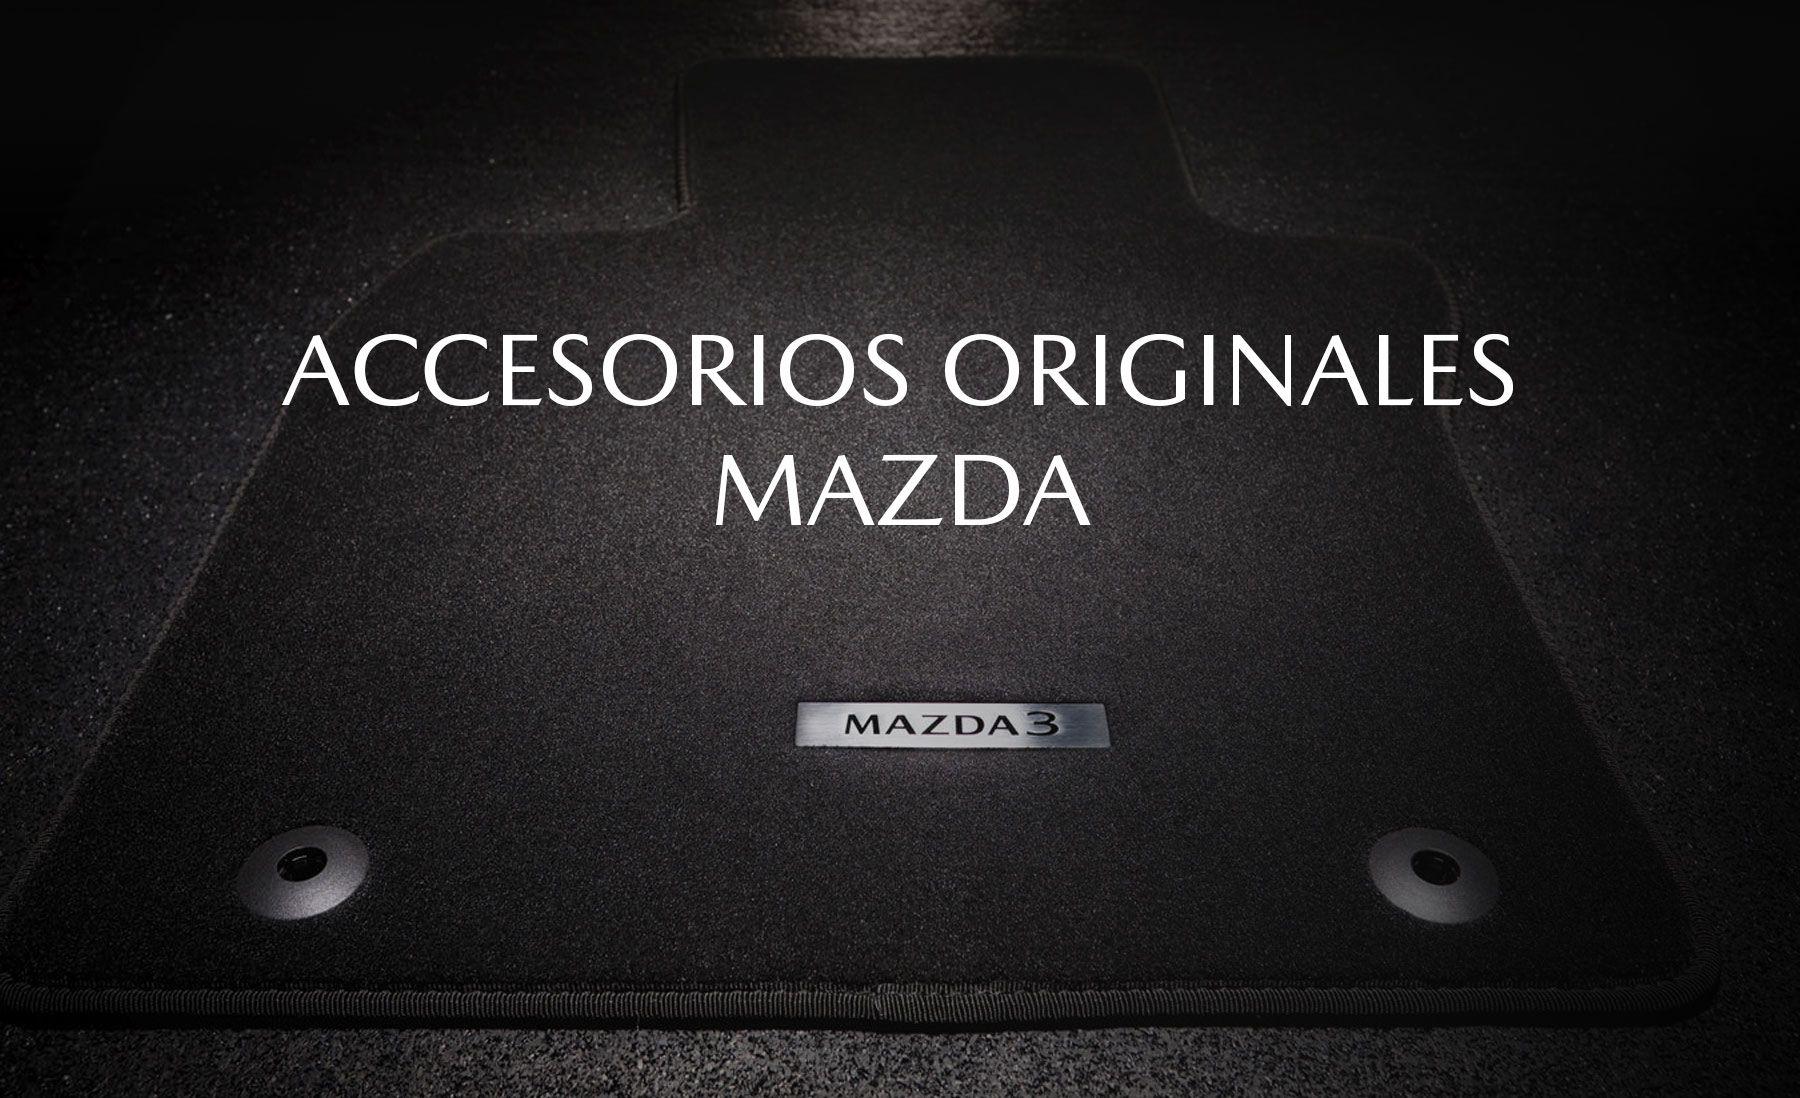 Personaliza tu Mazda con los mejores accesorios originales